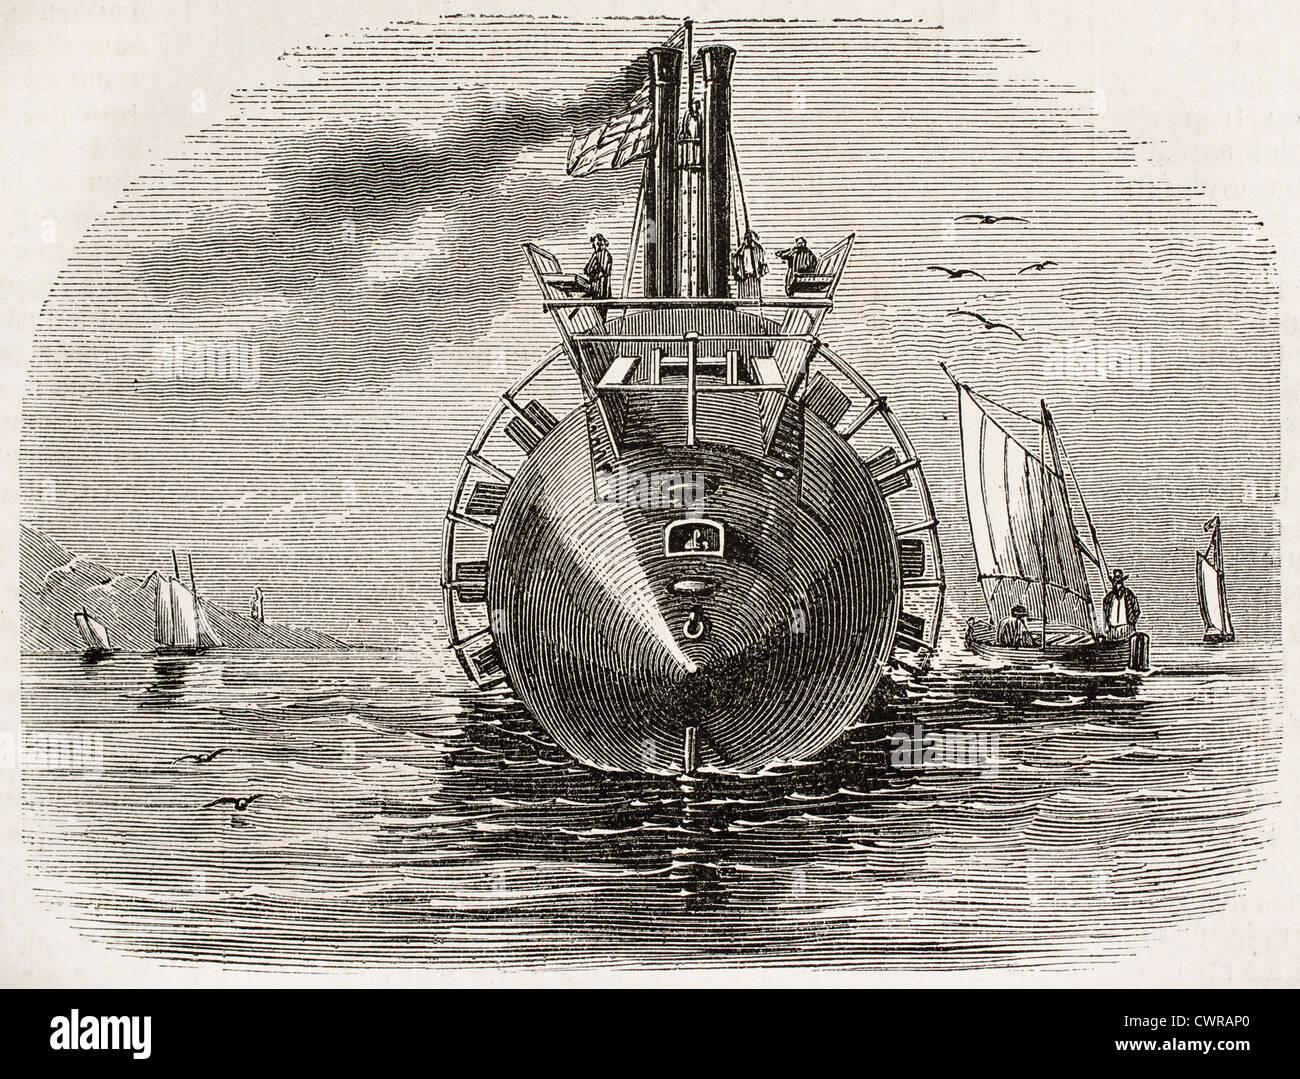 L'oceano, innovativo sistema di cottura a vapore americano Immagini Stock